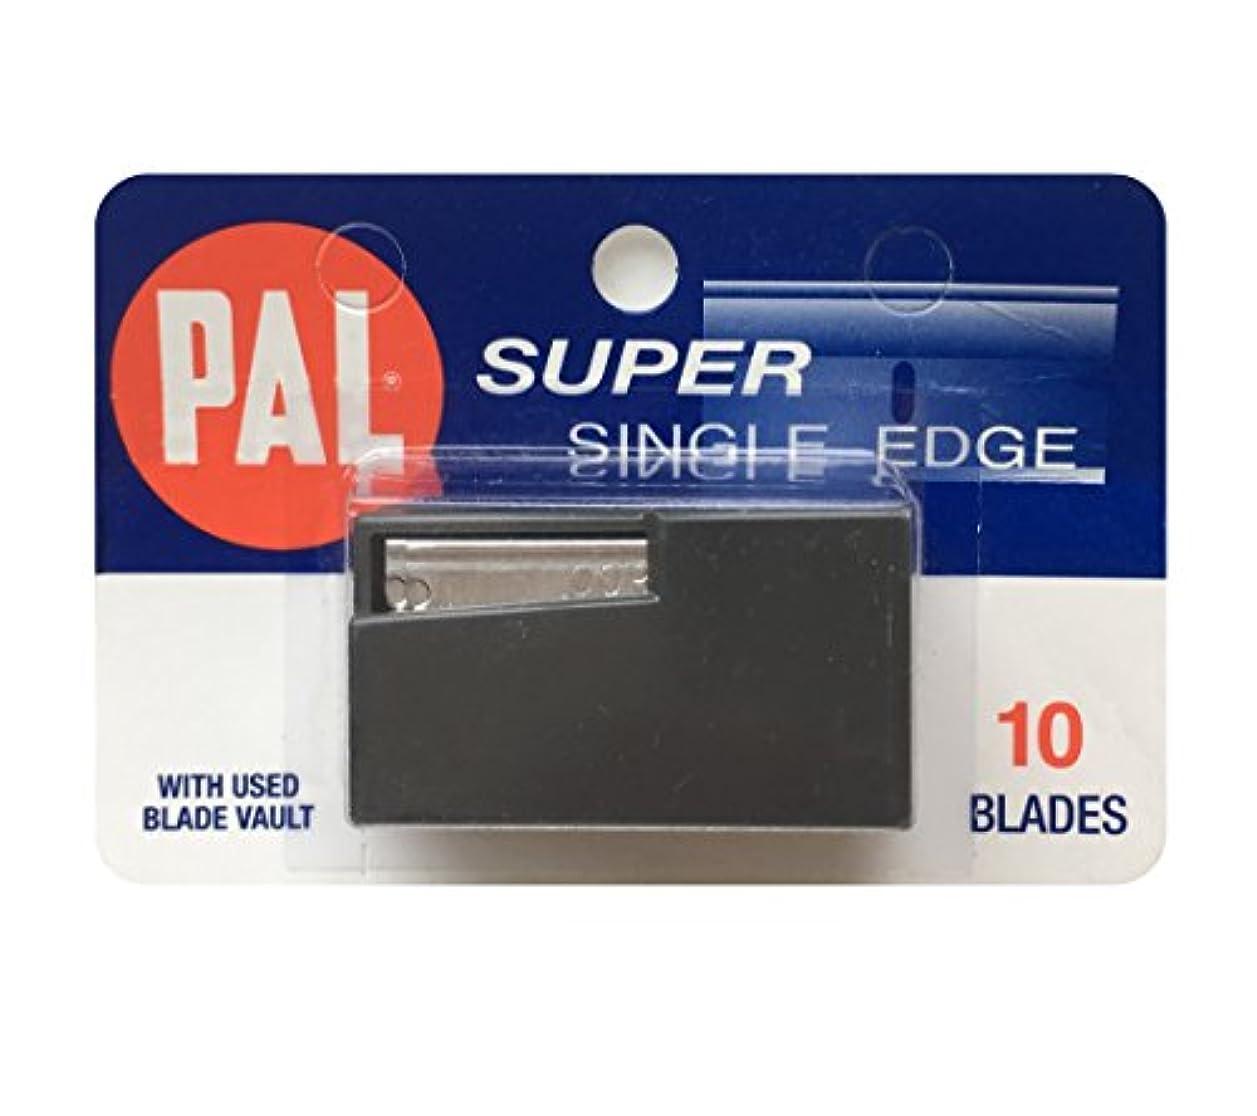 初心者量引き金PAL SUPER (パル スーパー)シングルエッジ 片刃替刃 10枚入り [並行輸入品]